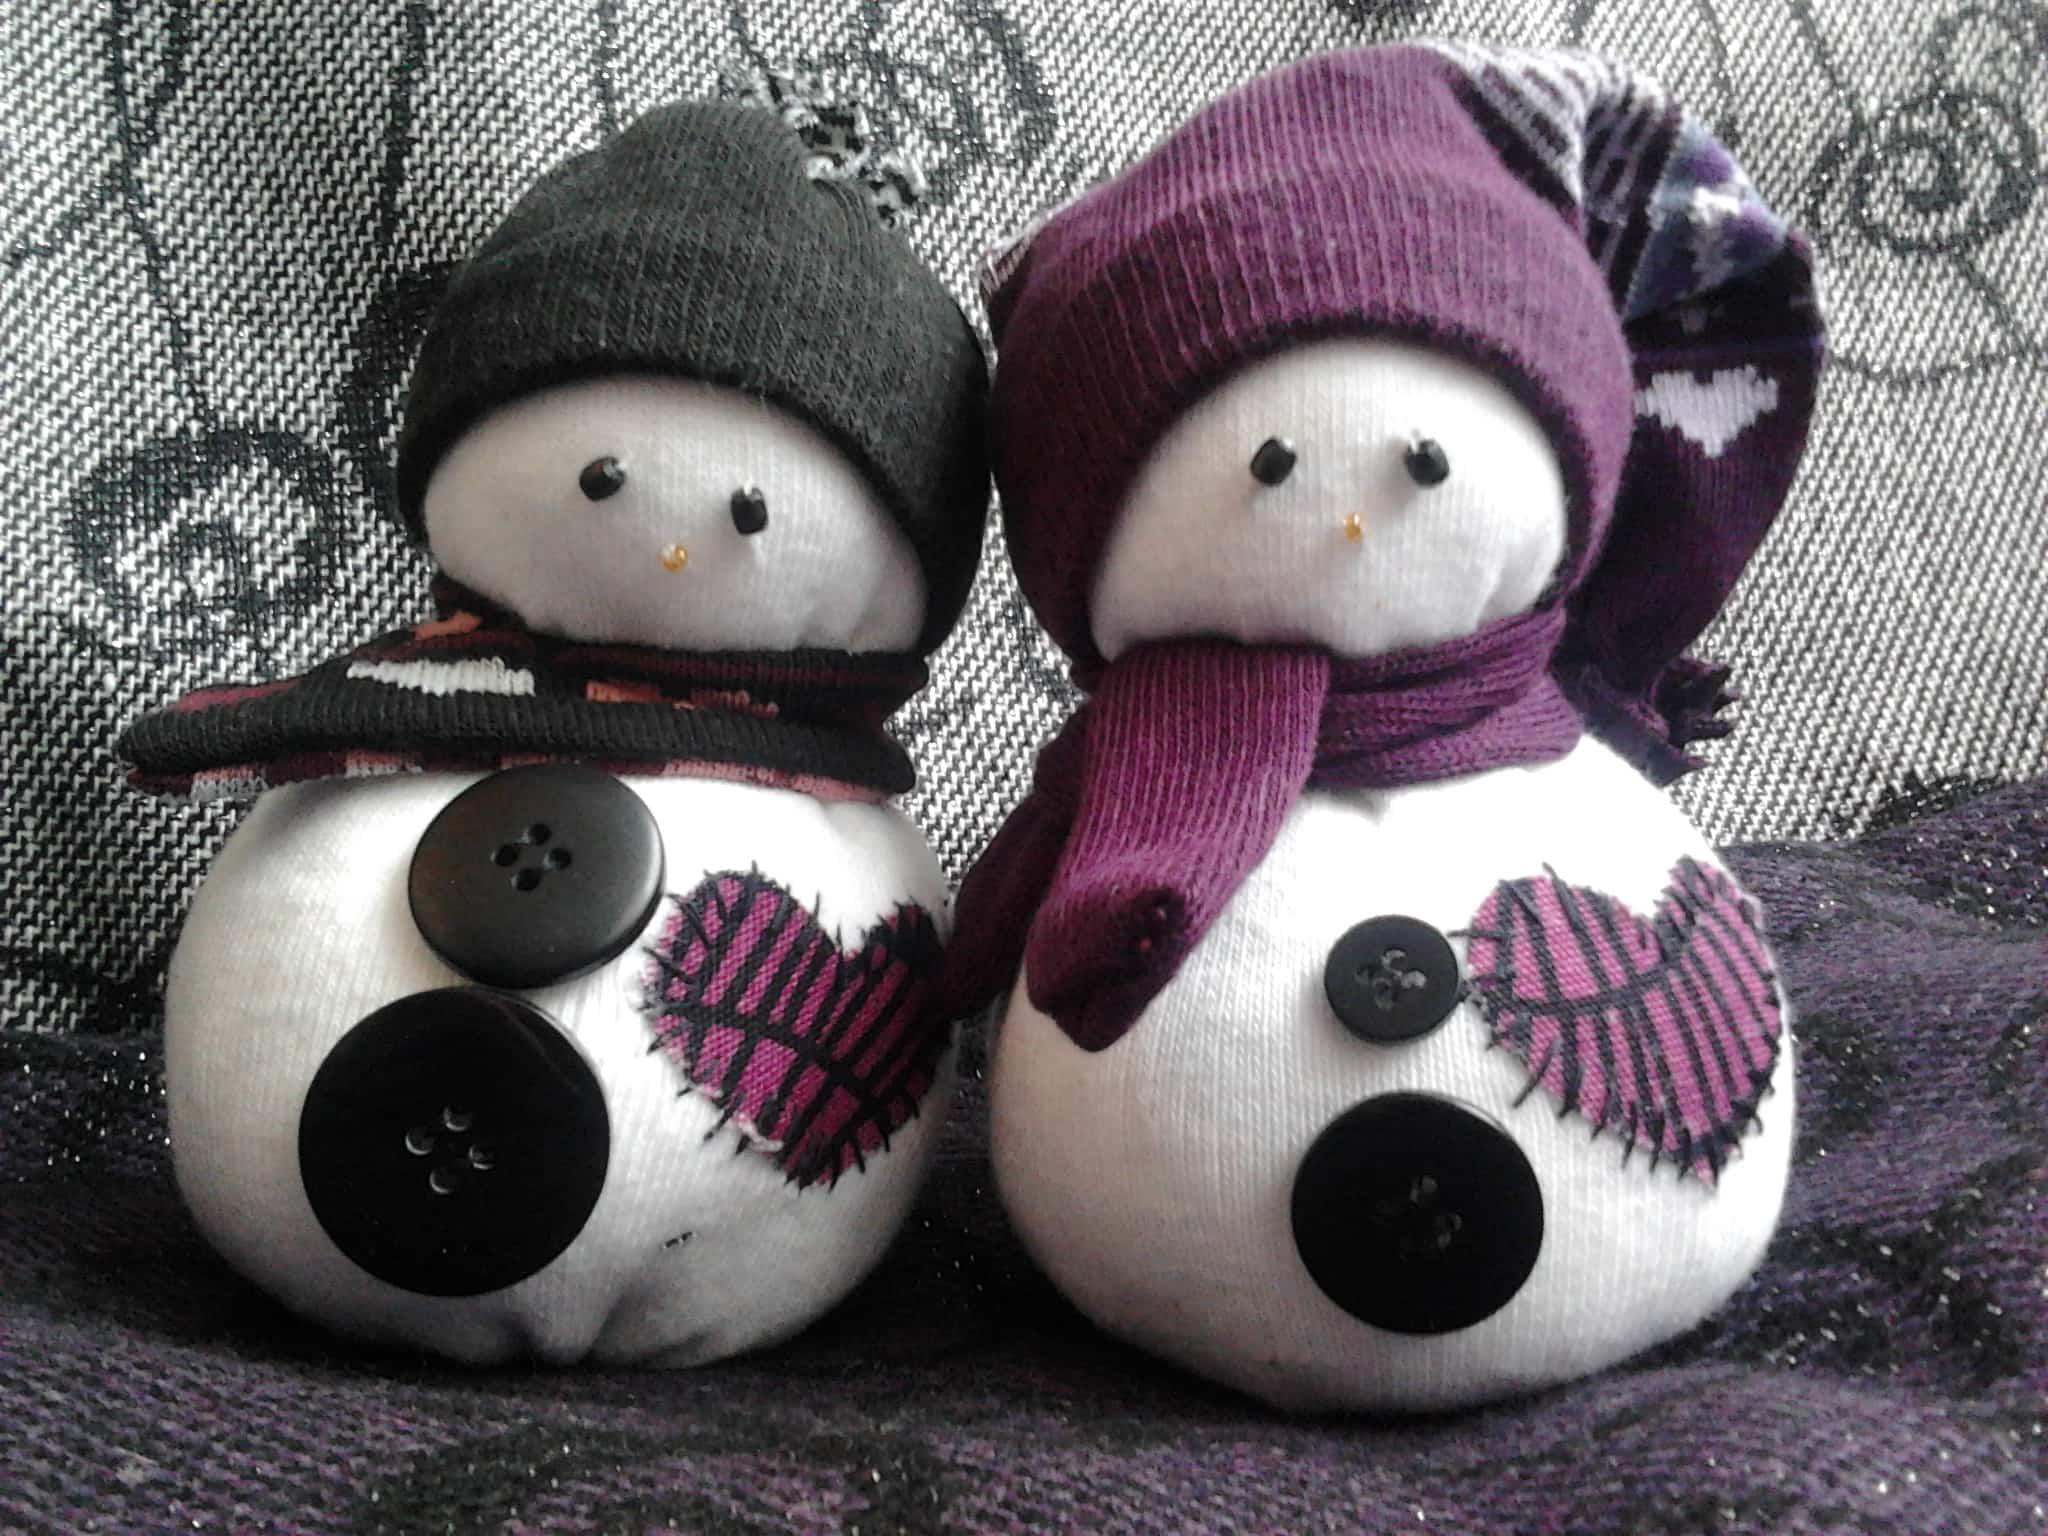 Como Decorar Calcetines Para Navidad.Maneras De Hacer Un Muneco De Nieve Para Decorar